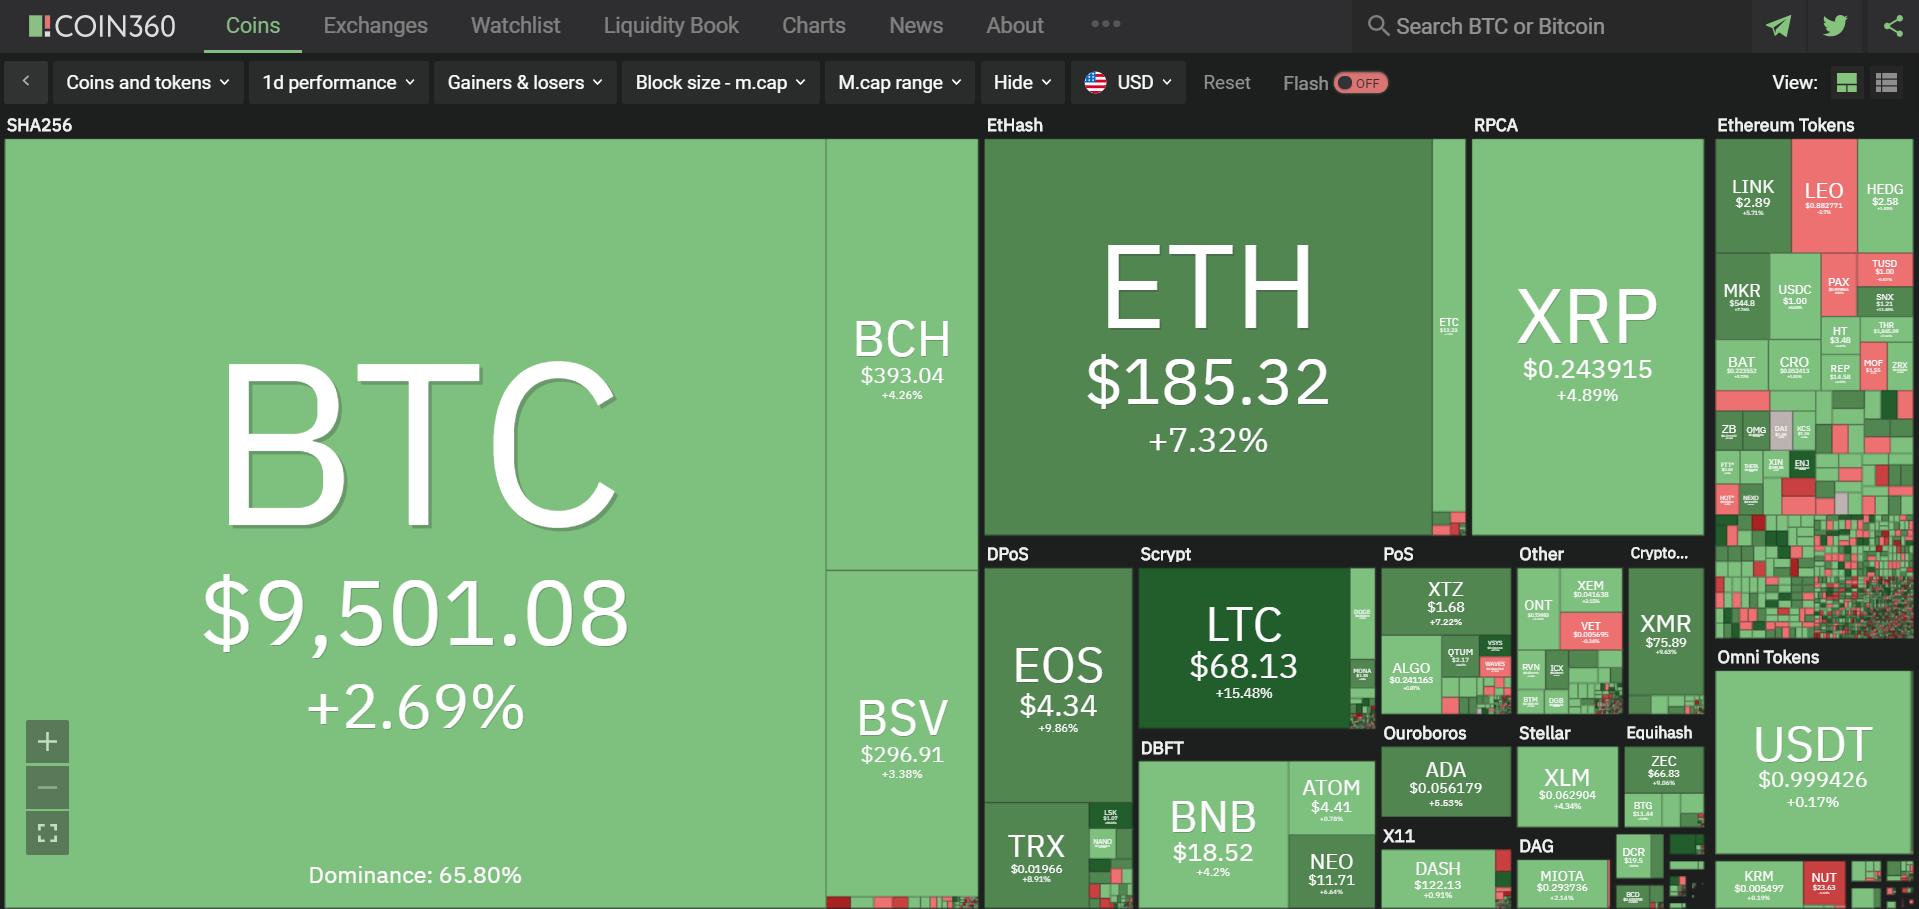 Toàn cảnh thị trường tiền kĩ thuật số hôm nay (31/1) (Nguồn: Coin360.com)